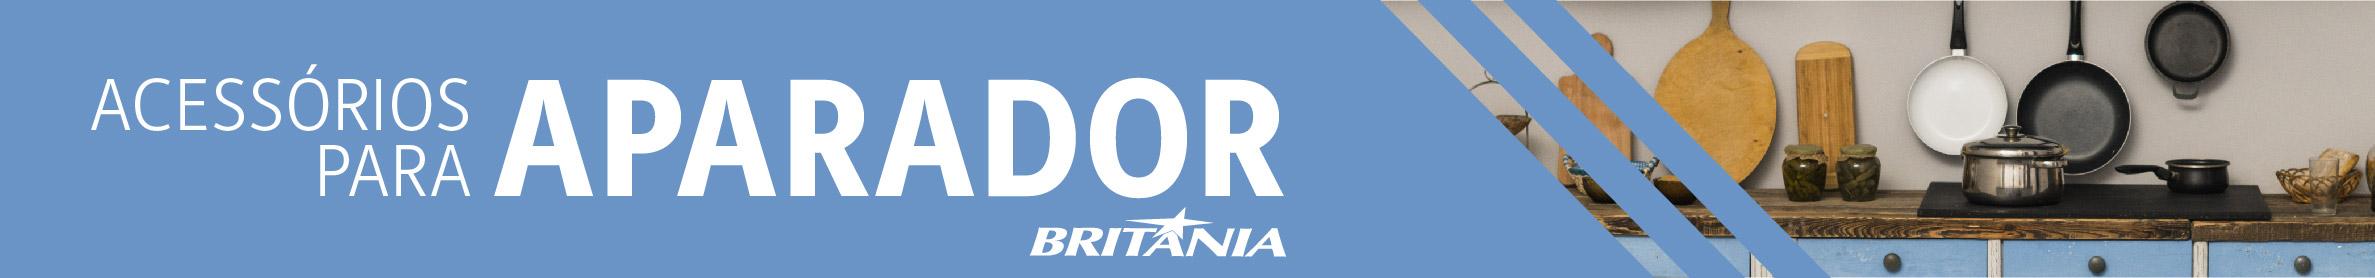 Aparador-britania